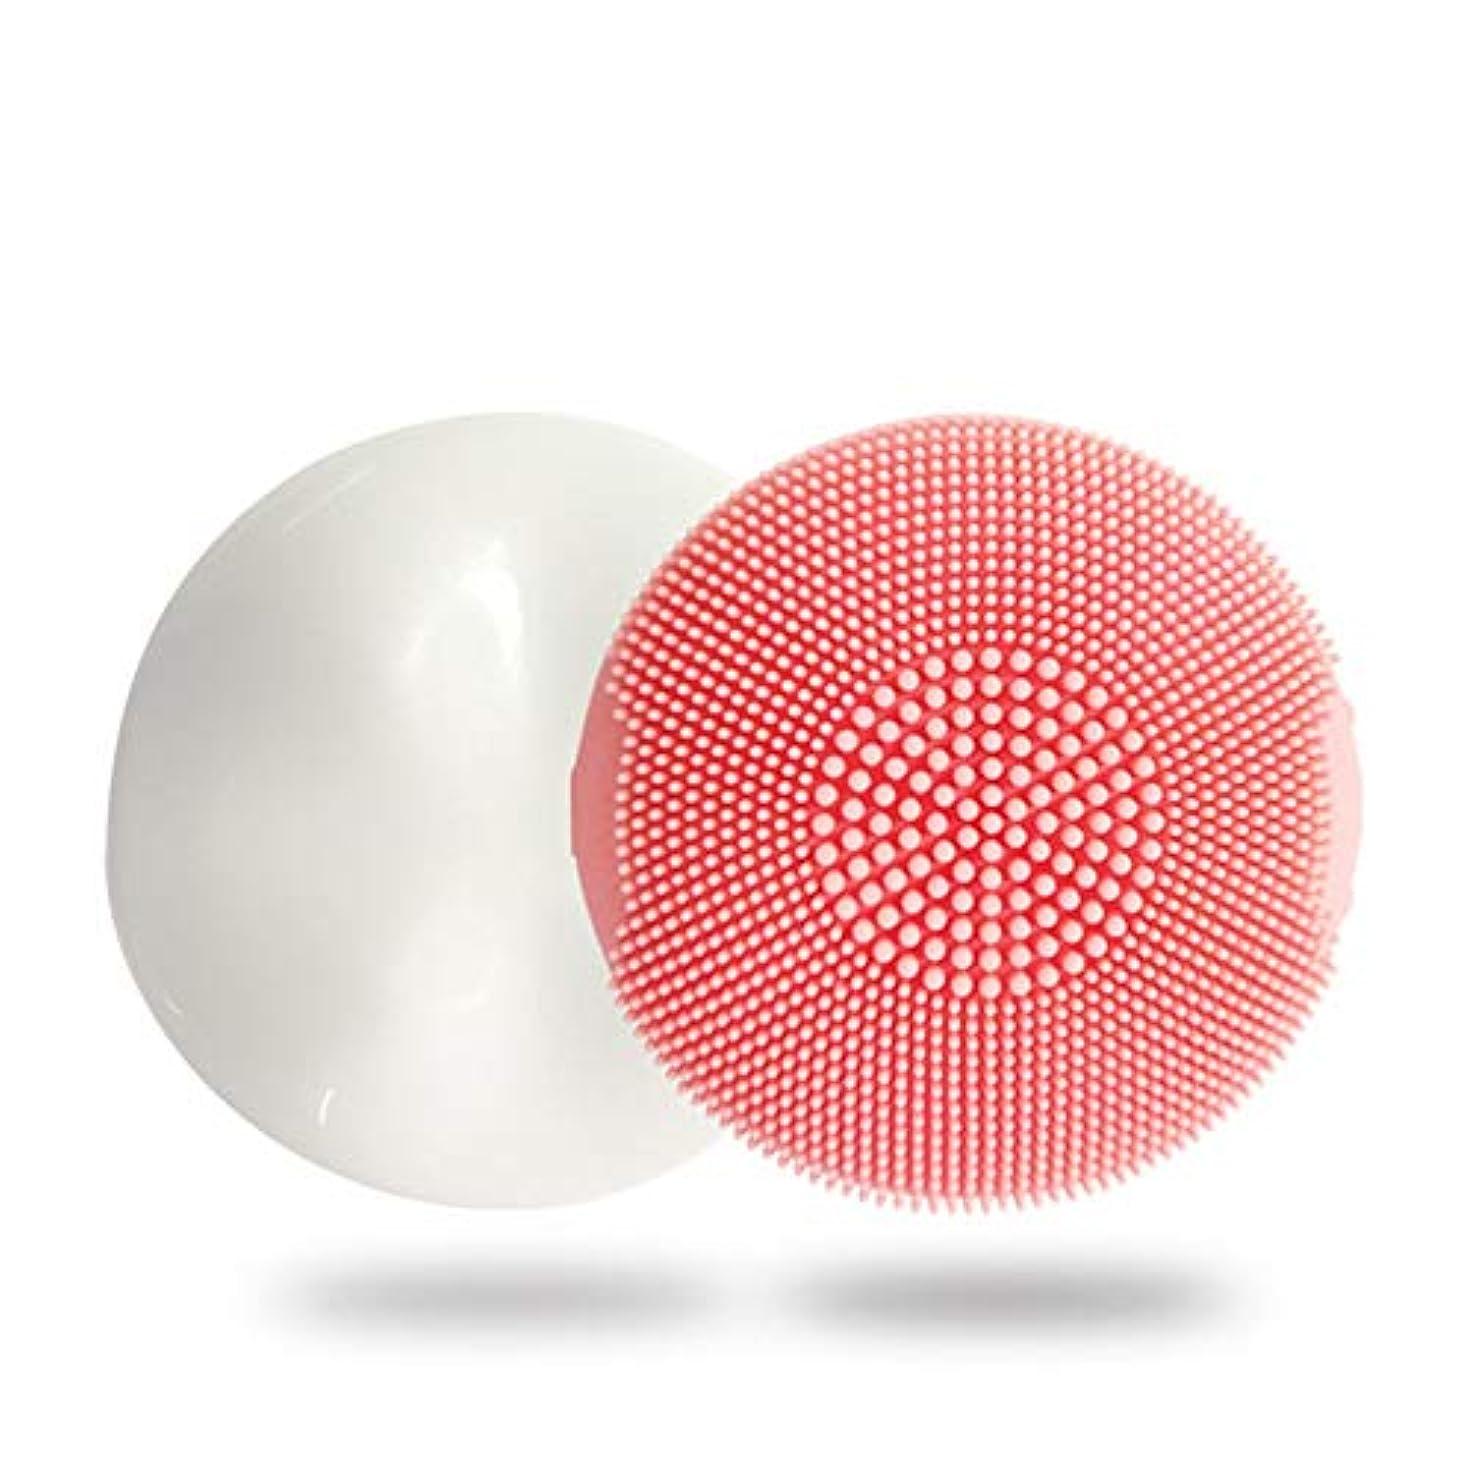 追う試みスローガンZXF 新電動シリコーンクレンジングブラシディープクリーニングポア防水超音波振動クレンジング楽器マッサージ器具美容器具 滑らかである (色 : Pink)